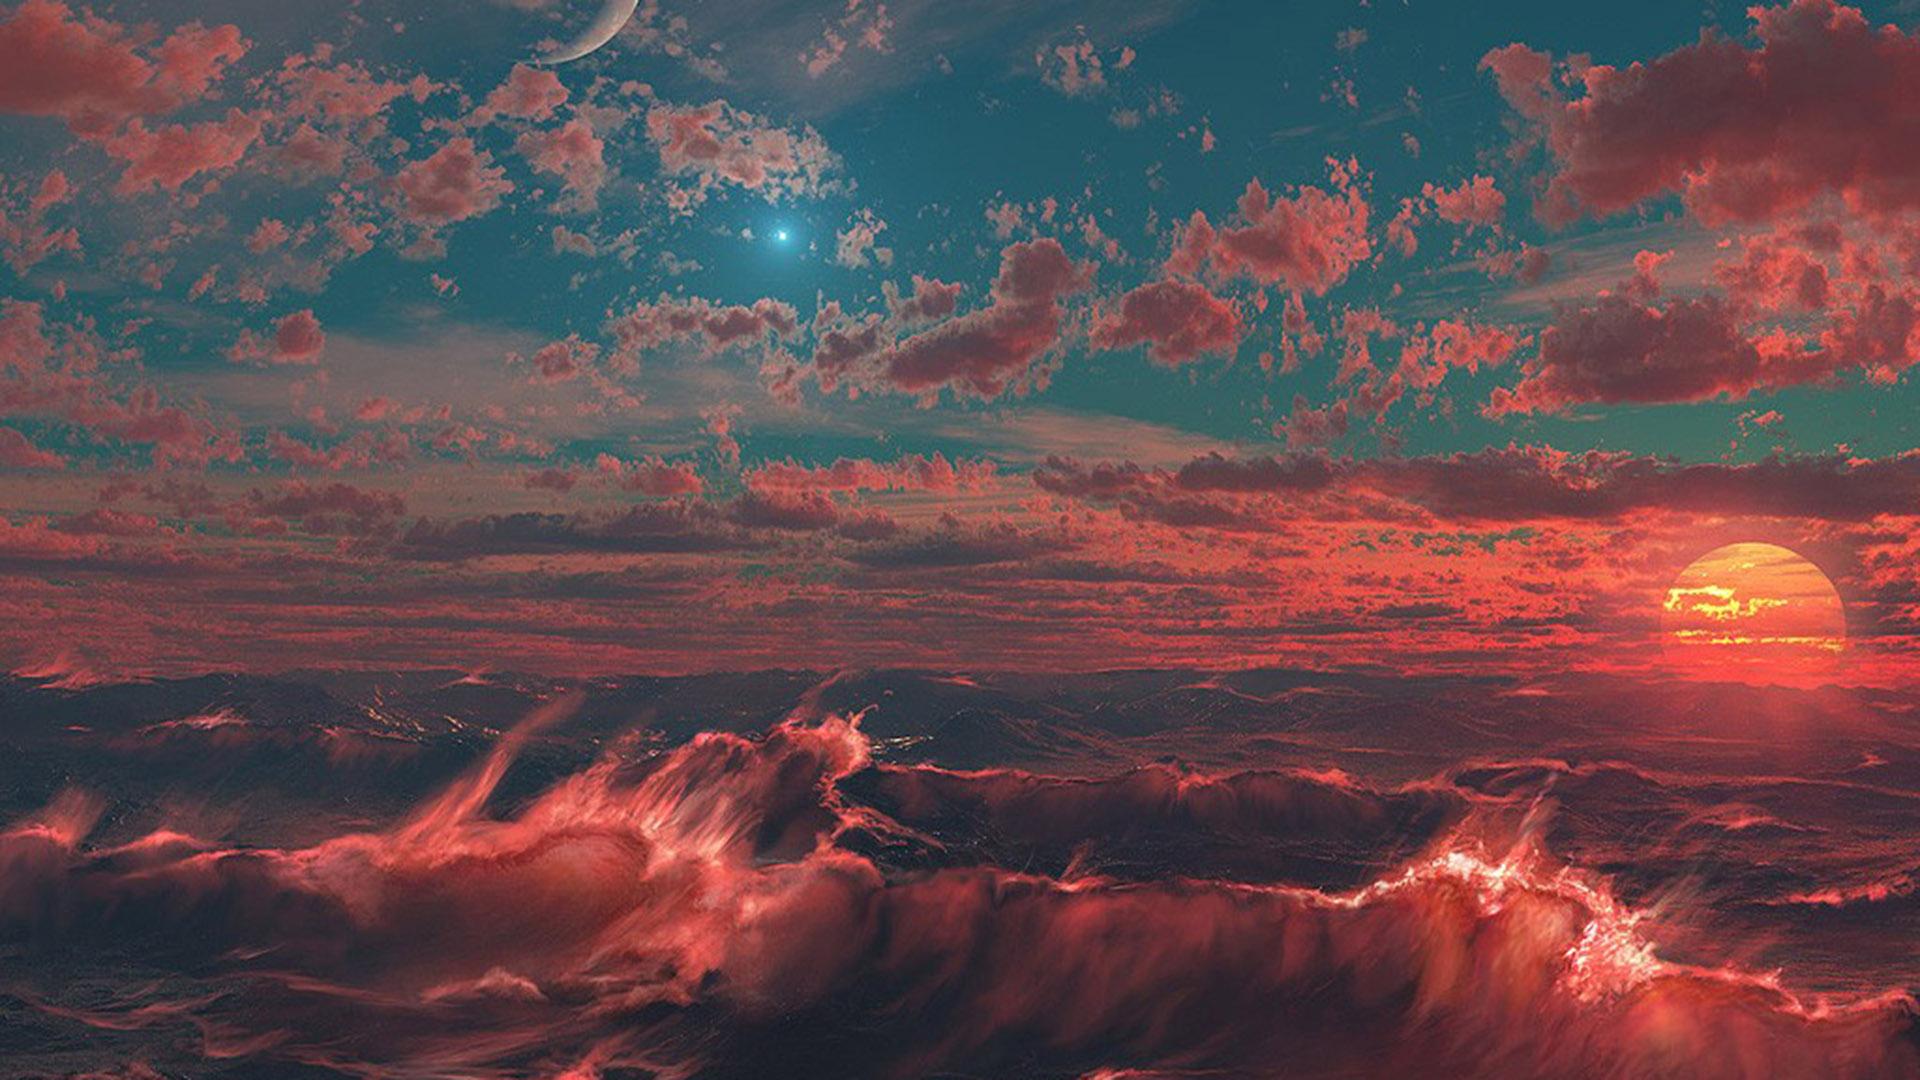 Ocean View By Edsaavas